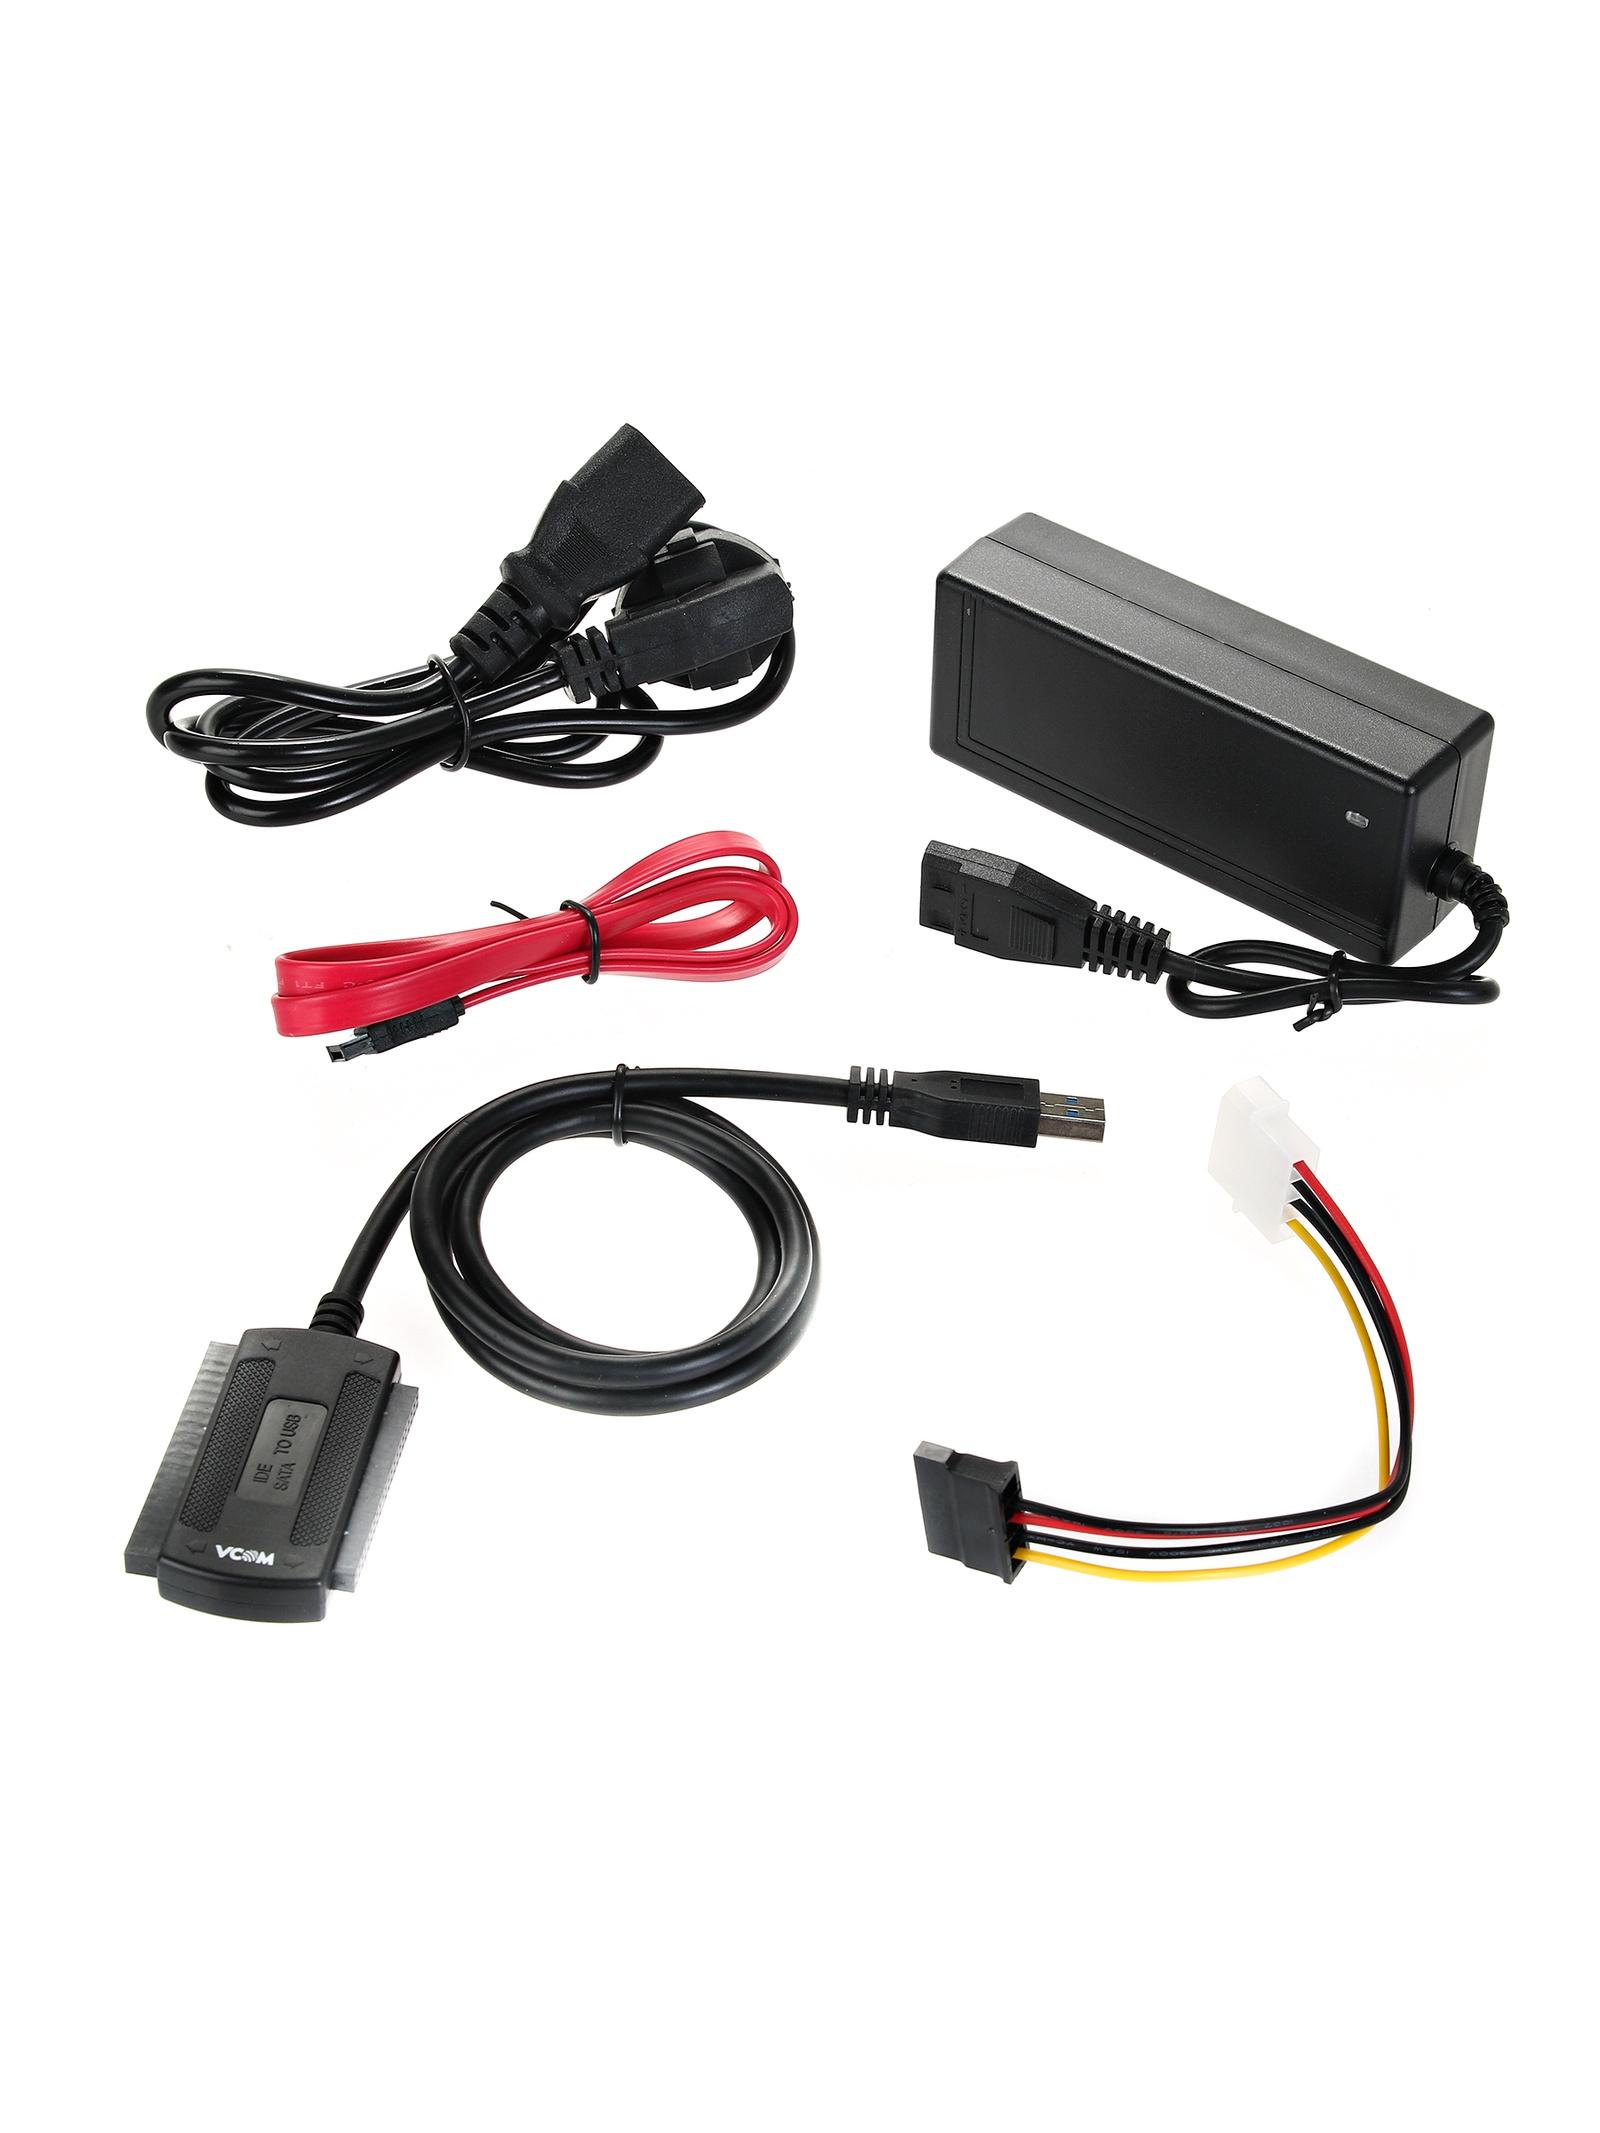 Адаптер USB3.0 - SATA/IDE (2.5/3.5) , внешний БП с кабелем питания и USB-кабелем, VCOM (CU814) адаптер c7 sata ide 44p 2 5 sata ide 2 5